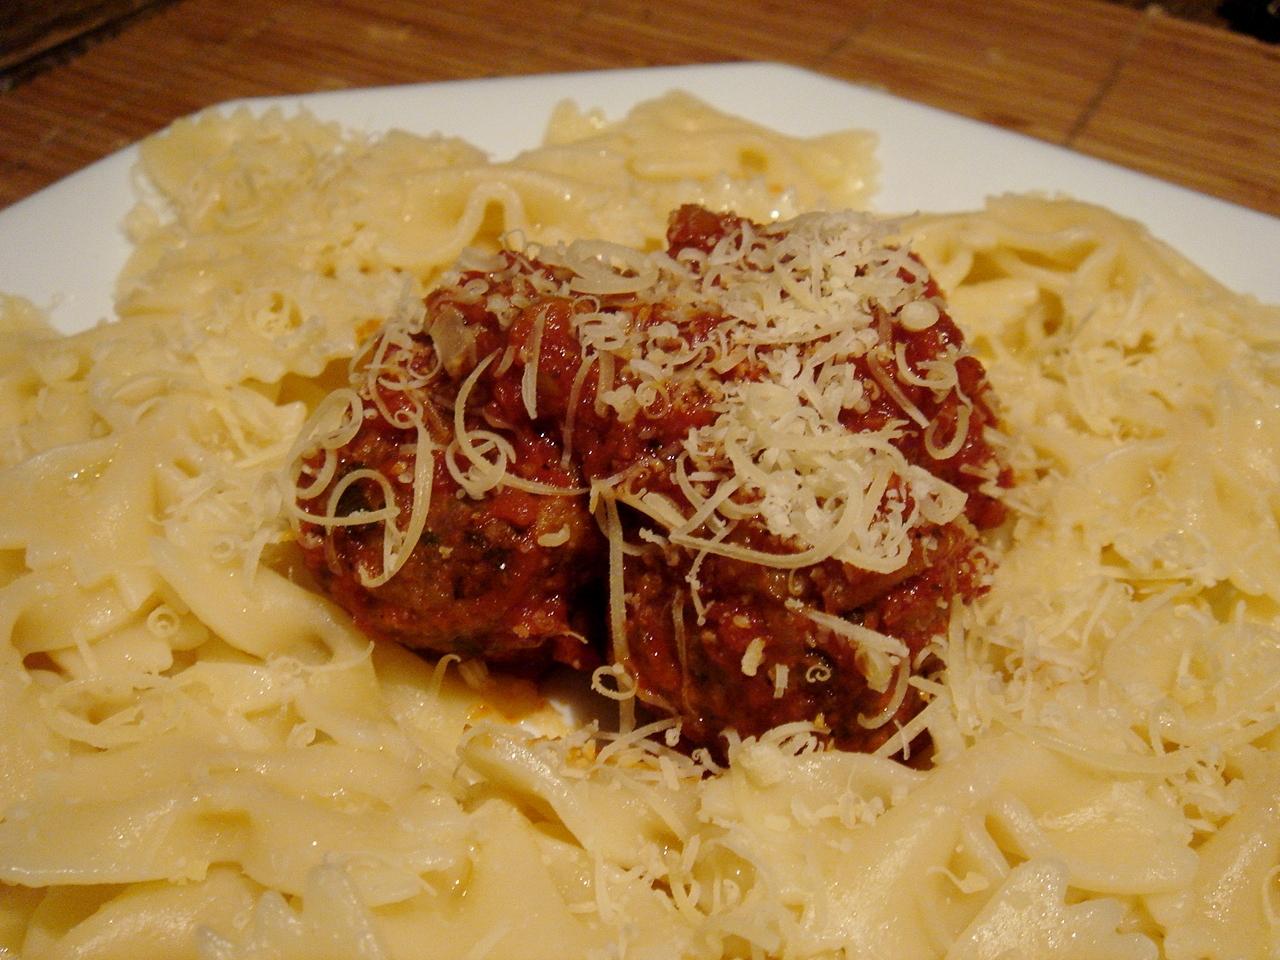 Kittencal's Italian Tomato Pasta Sauce and Parmesan Meatballs